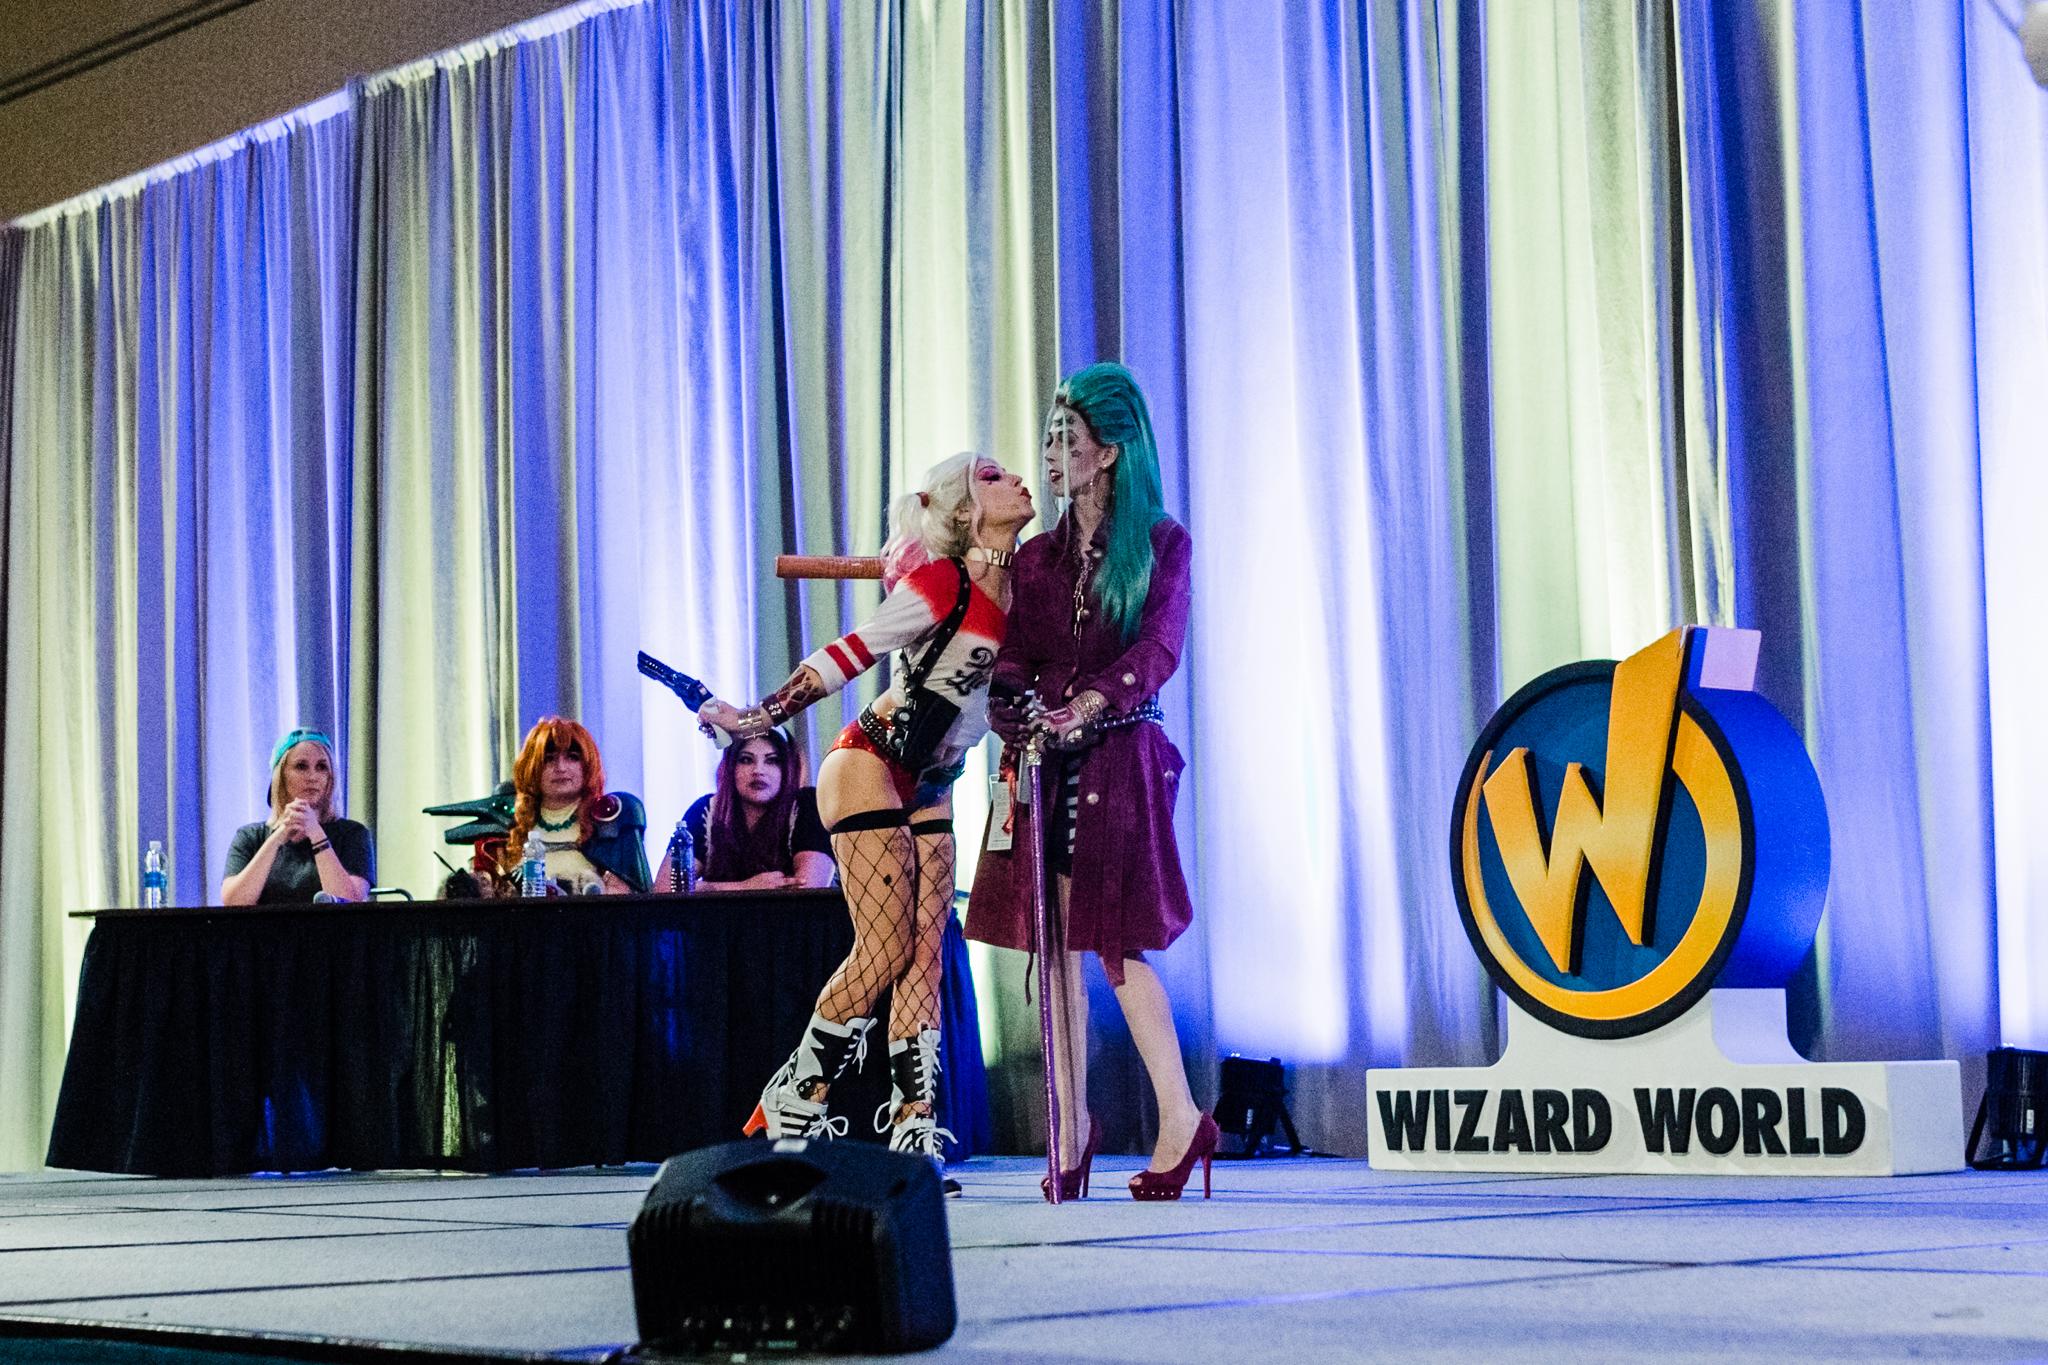 Wizard World | Lenkaland Photography | Sacramento, California